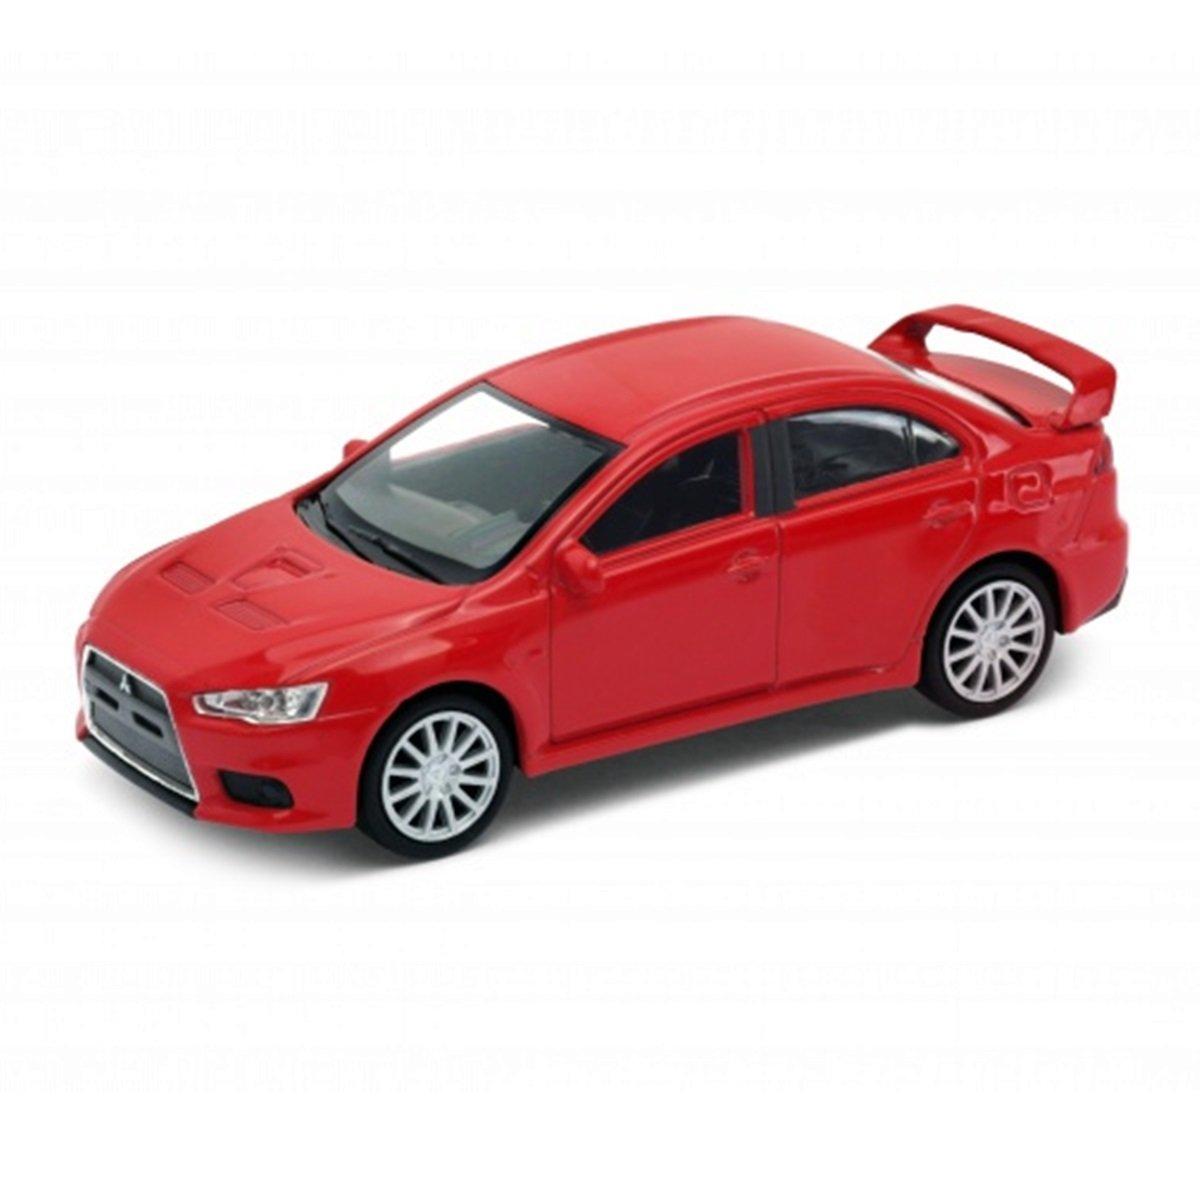 Mitsubishi: Lancer Evolution X   Vermelho   1:34 1:39